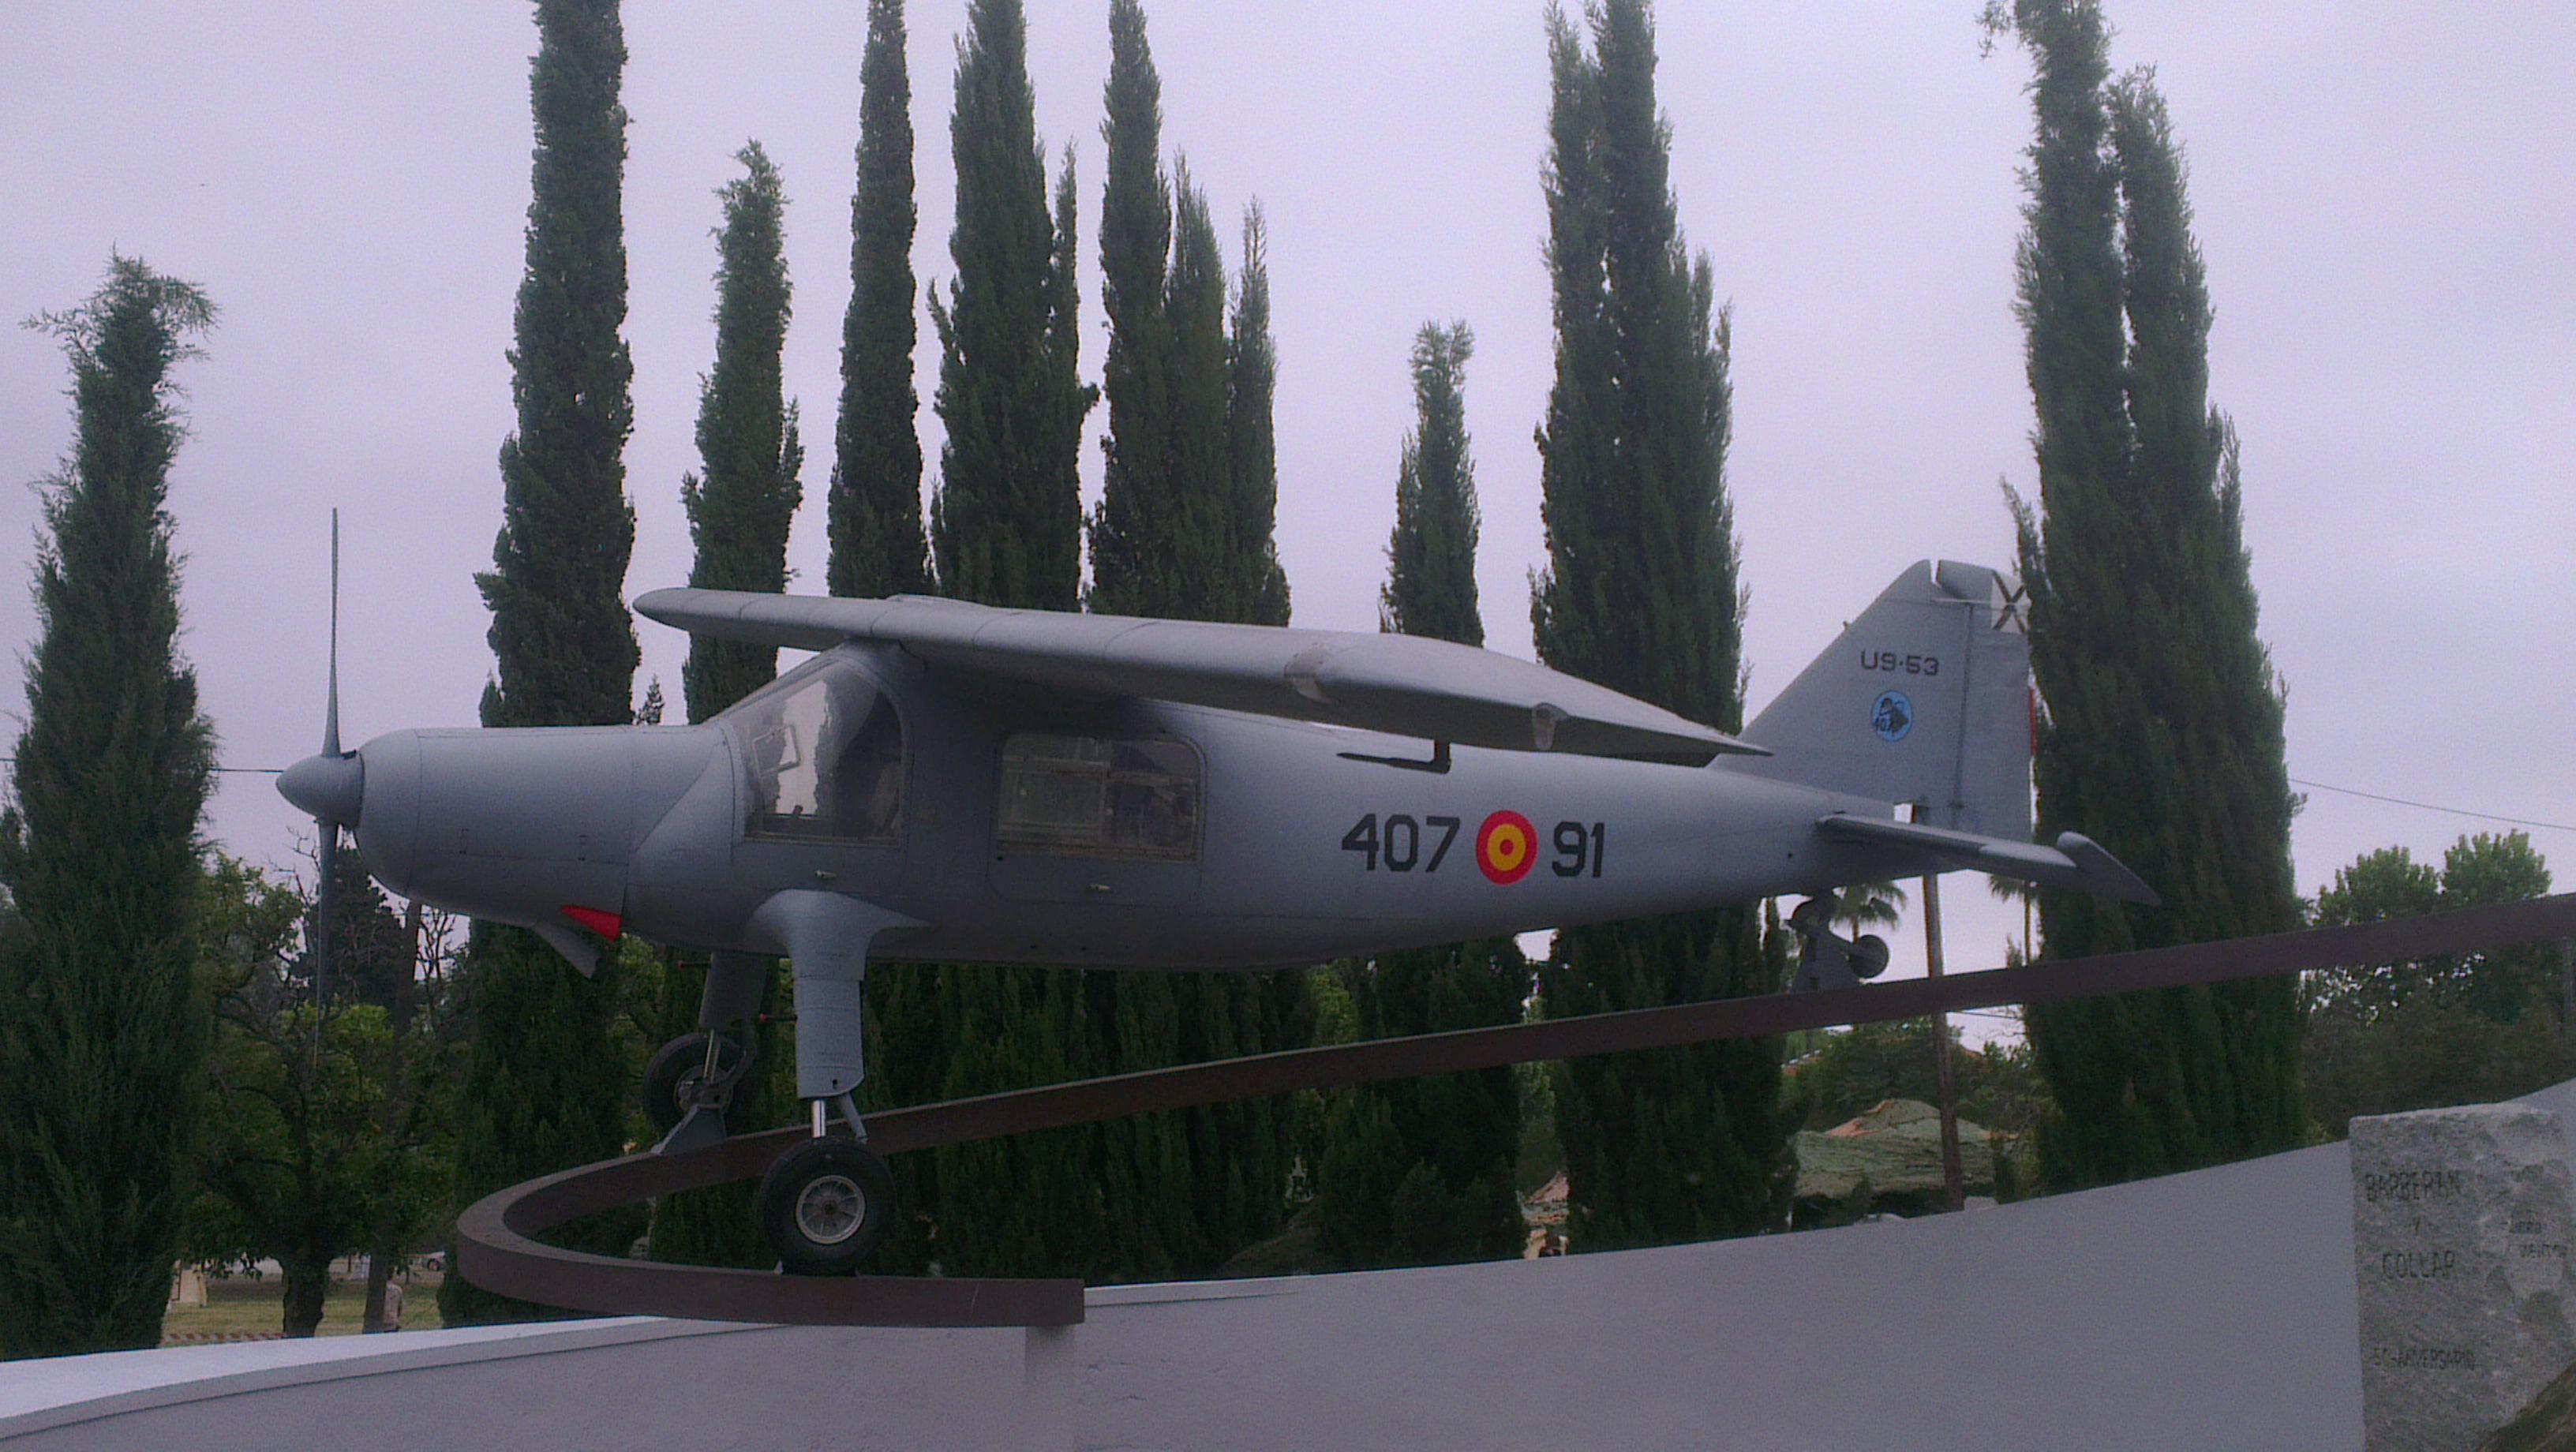 Un CASA/Dornier C-127 (U.9) preside la explanada central de la Base de Tablada. Fabricado en España por CASA en número de 50 unidades, este modelo fue el primero diseñado en Alemania tras la Segunda Guerra Mundial.